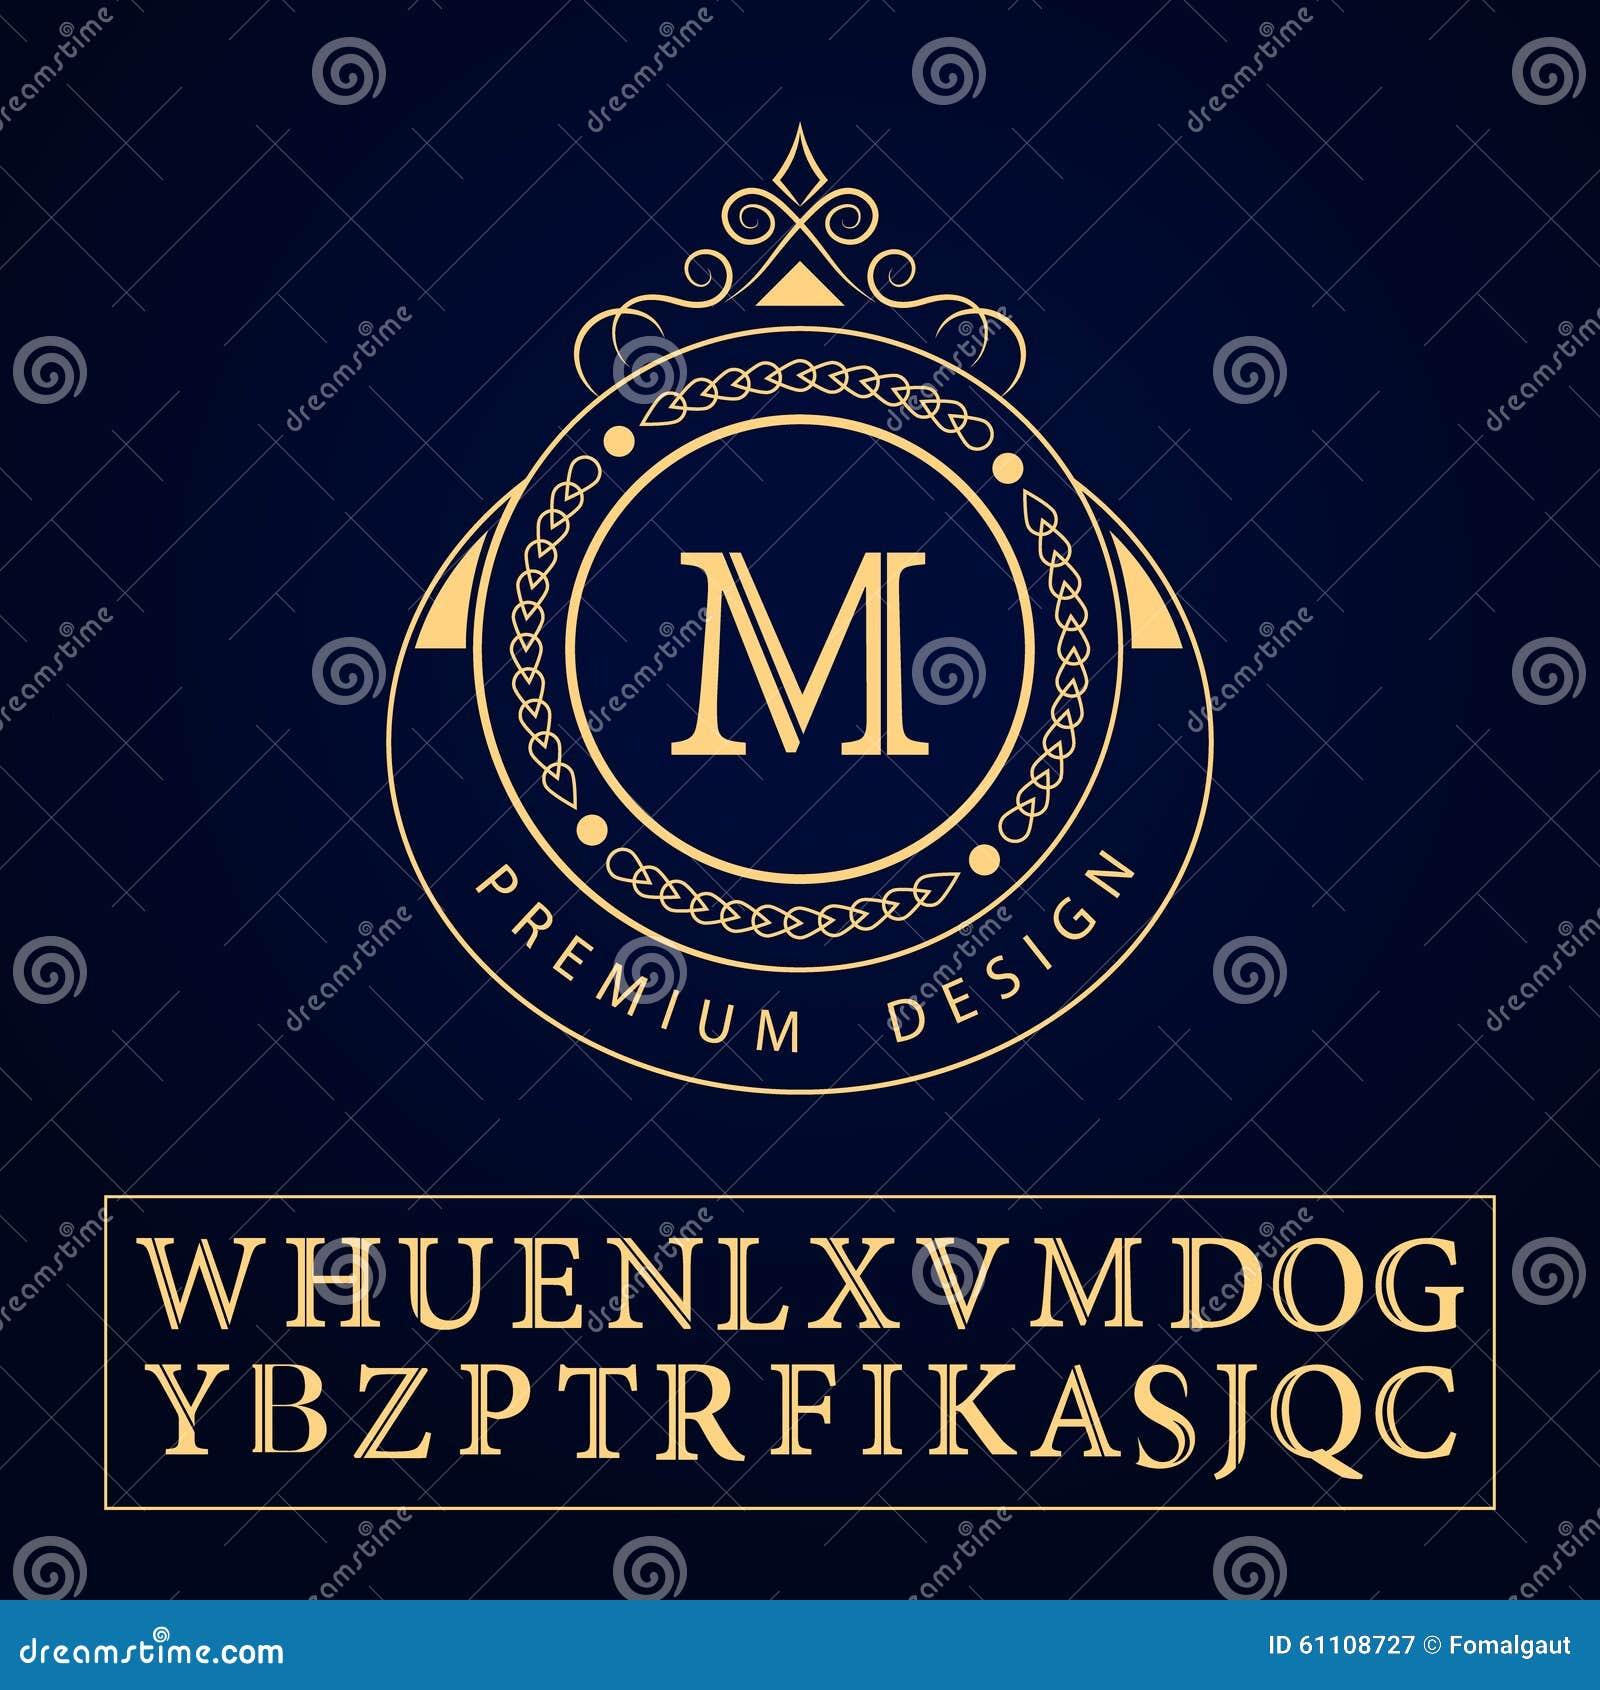 Элементы дизайна вензеля, грациозно шаблон Каллиграфическая элегантная линия дизайн логотипа искусства Пометьте буквами знак m эм